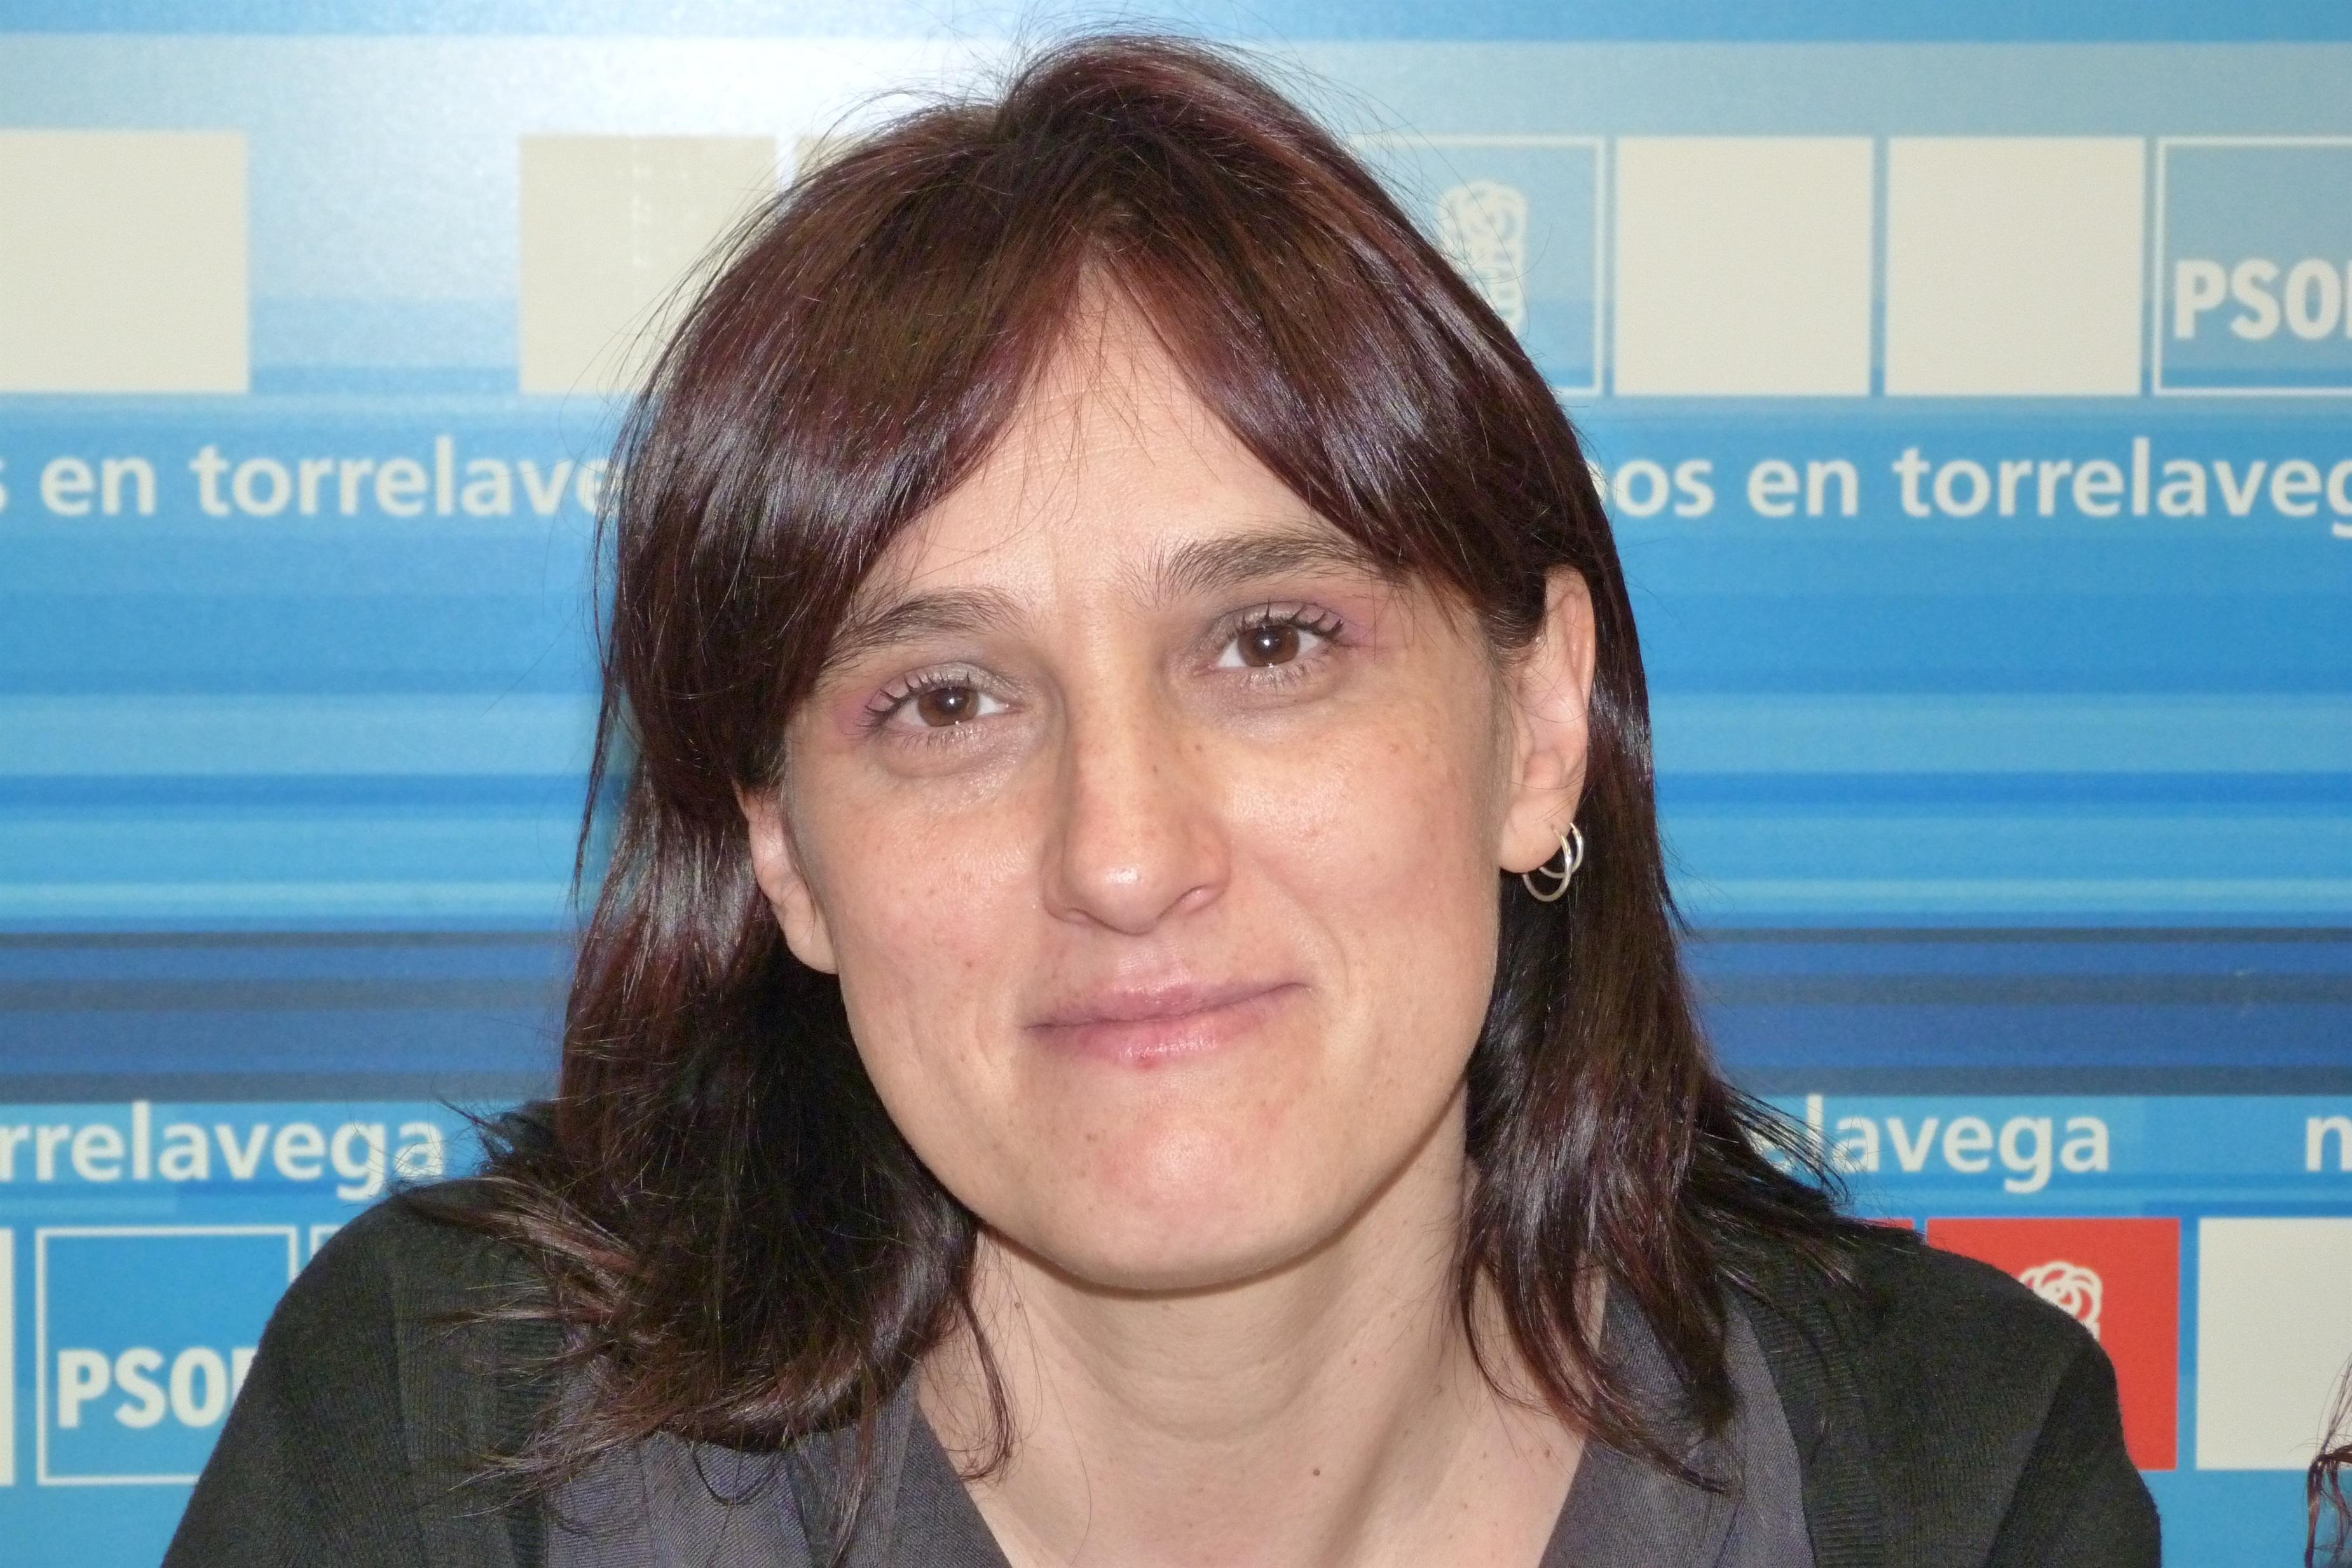 PSOE, preocupado por la situación «límite y casi de punto y final» en la que está Sniace